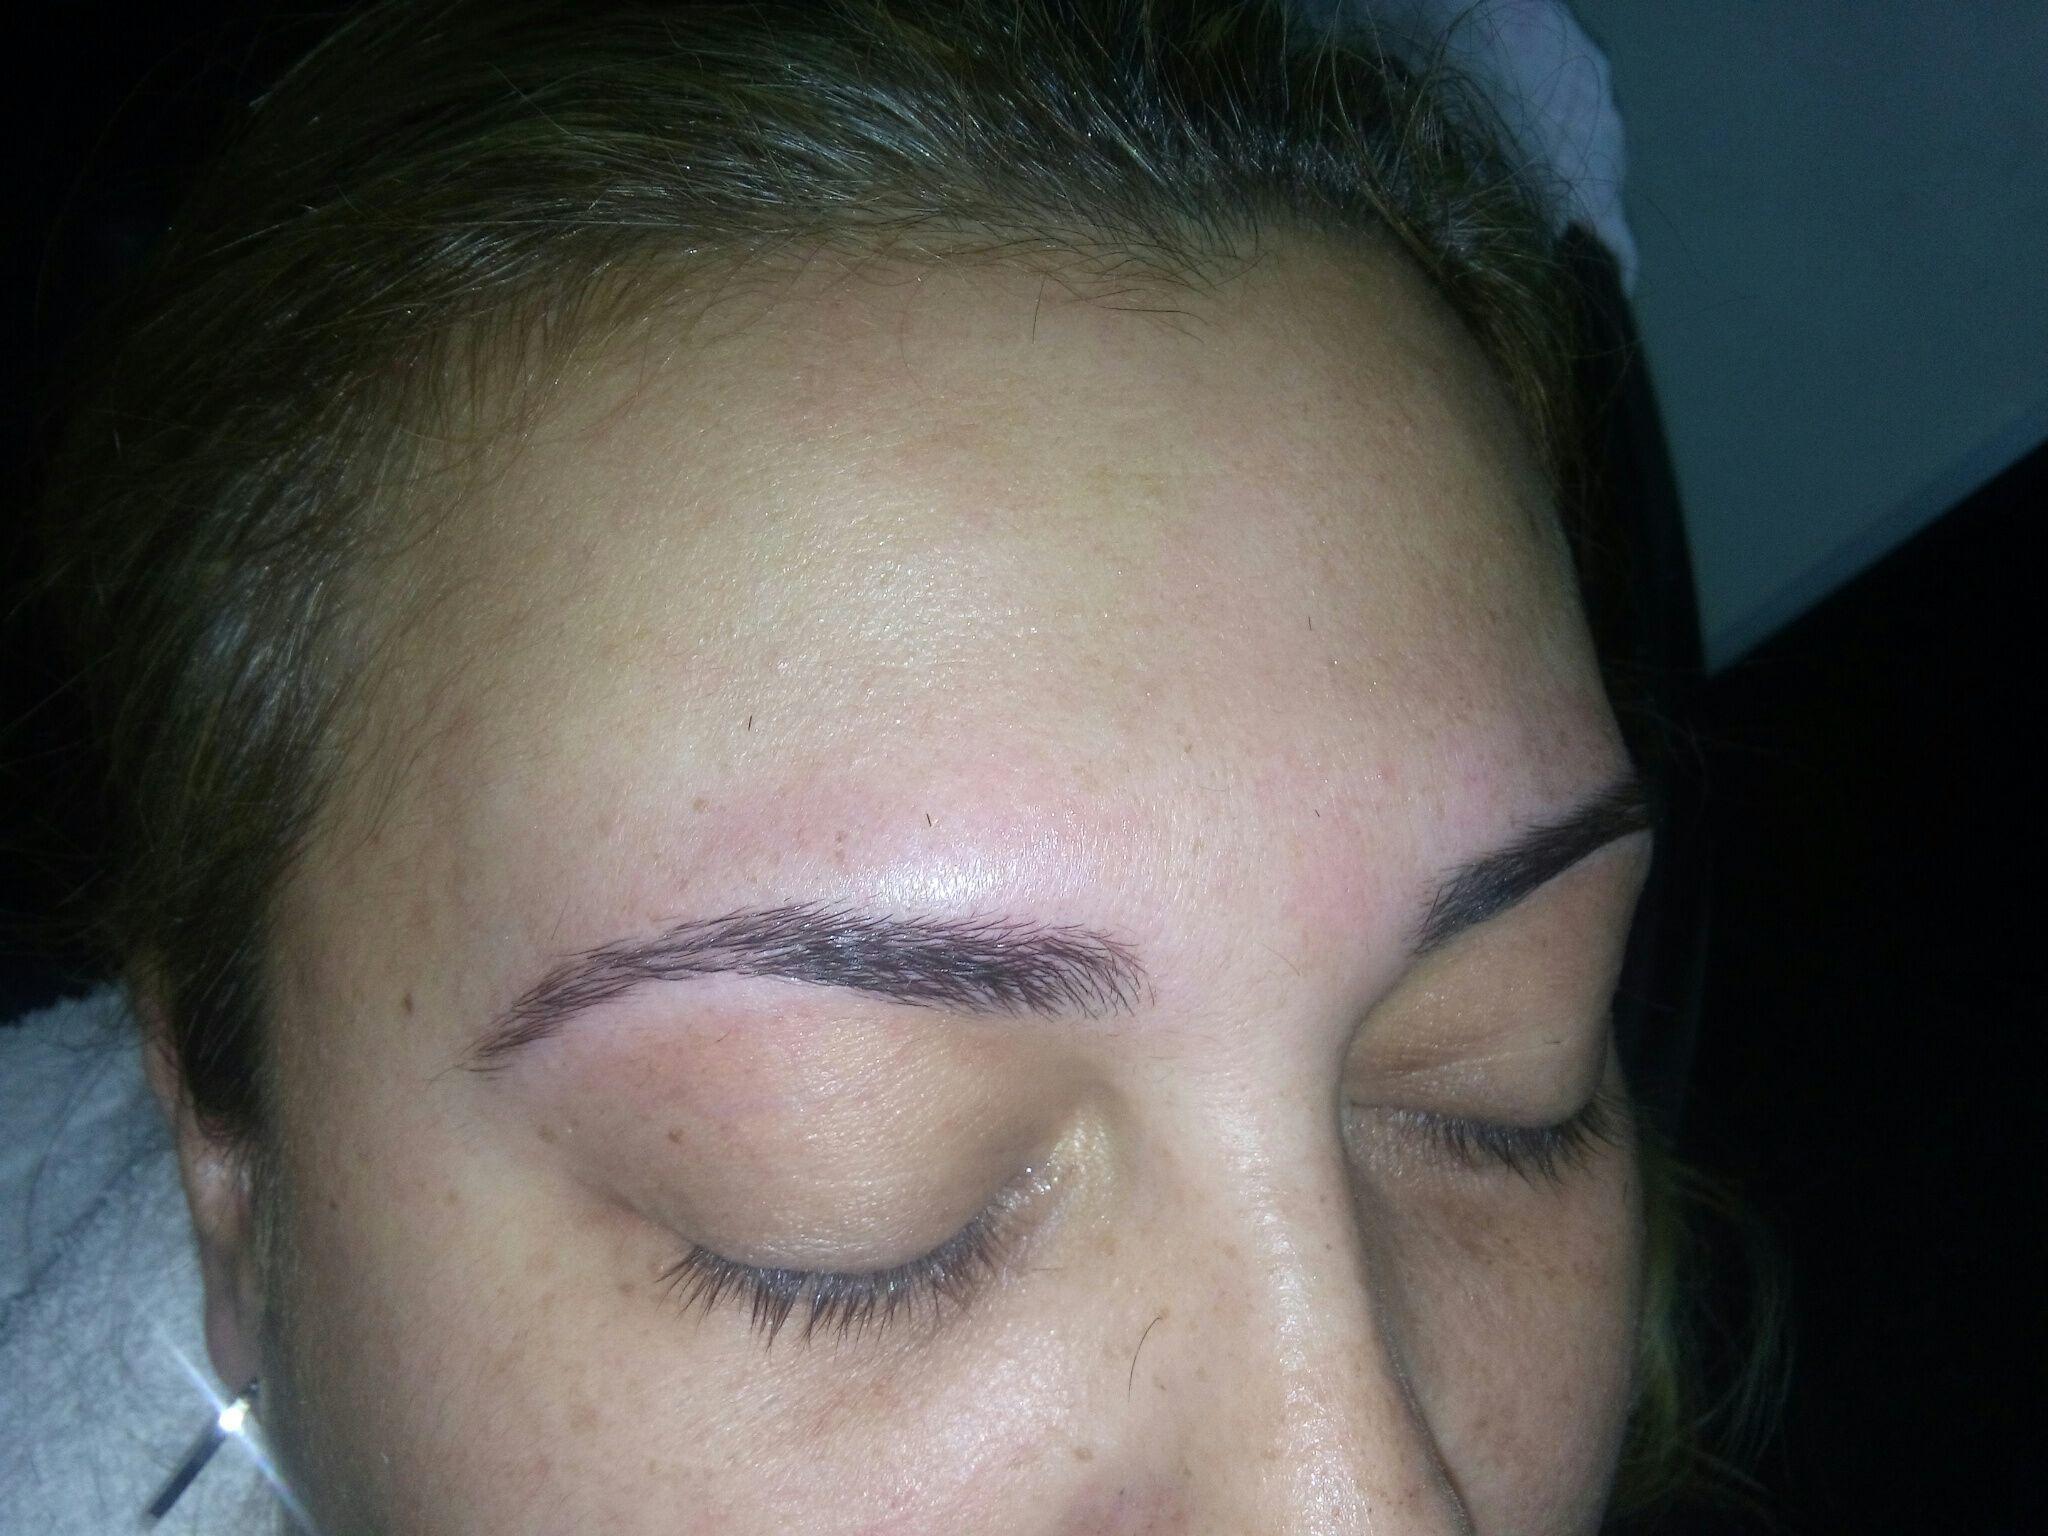 estética manicure e pedicure depilador(a) designer de sobrancelhas